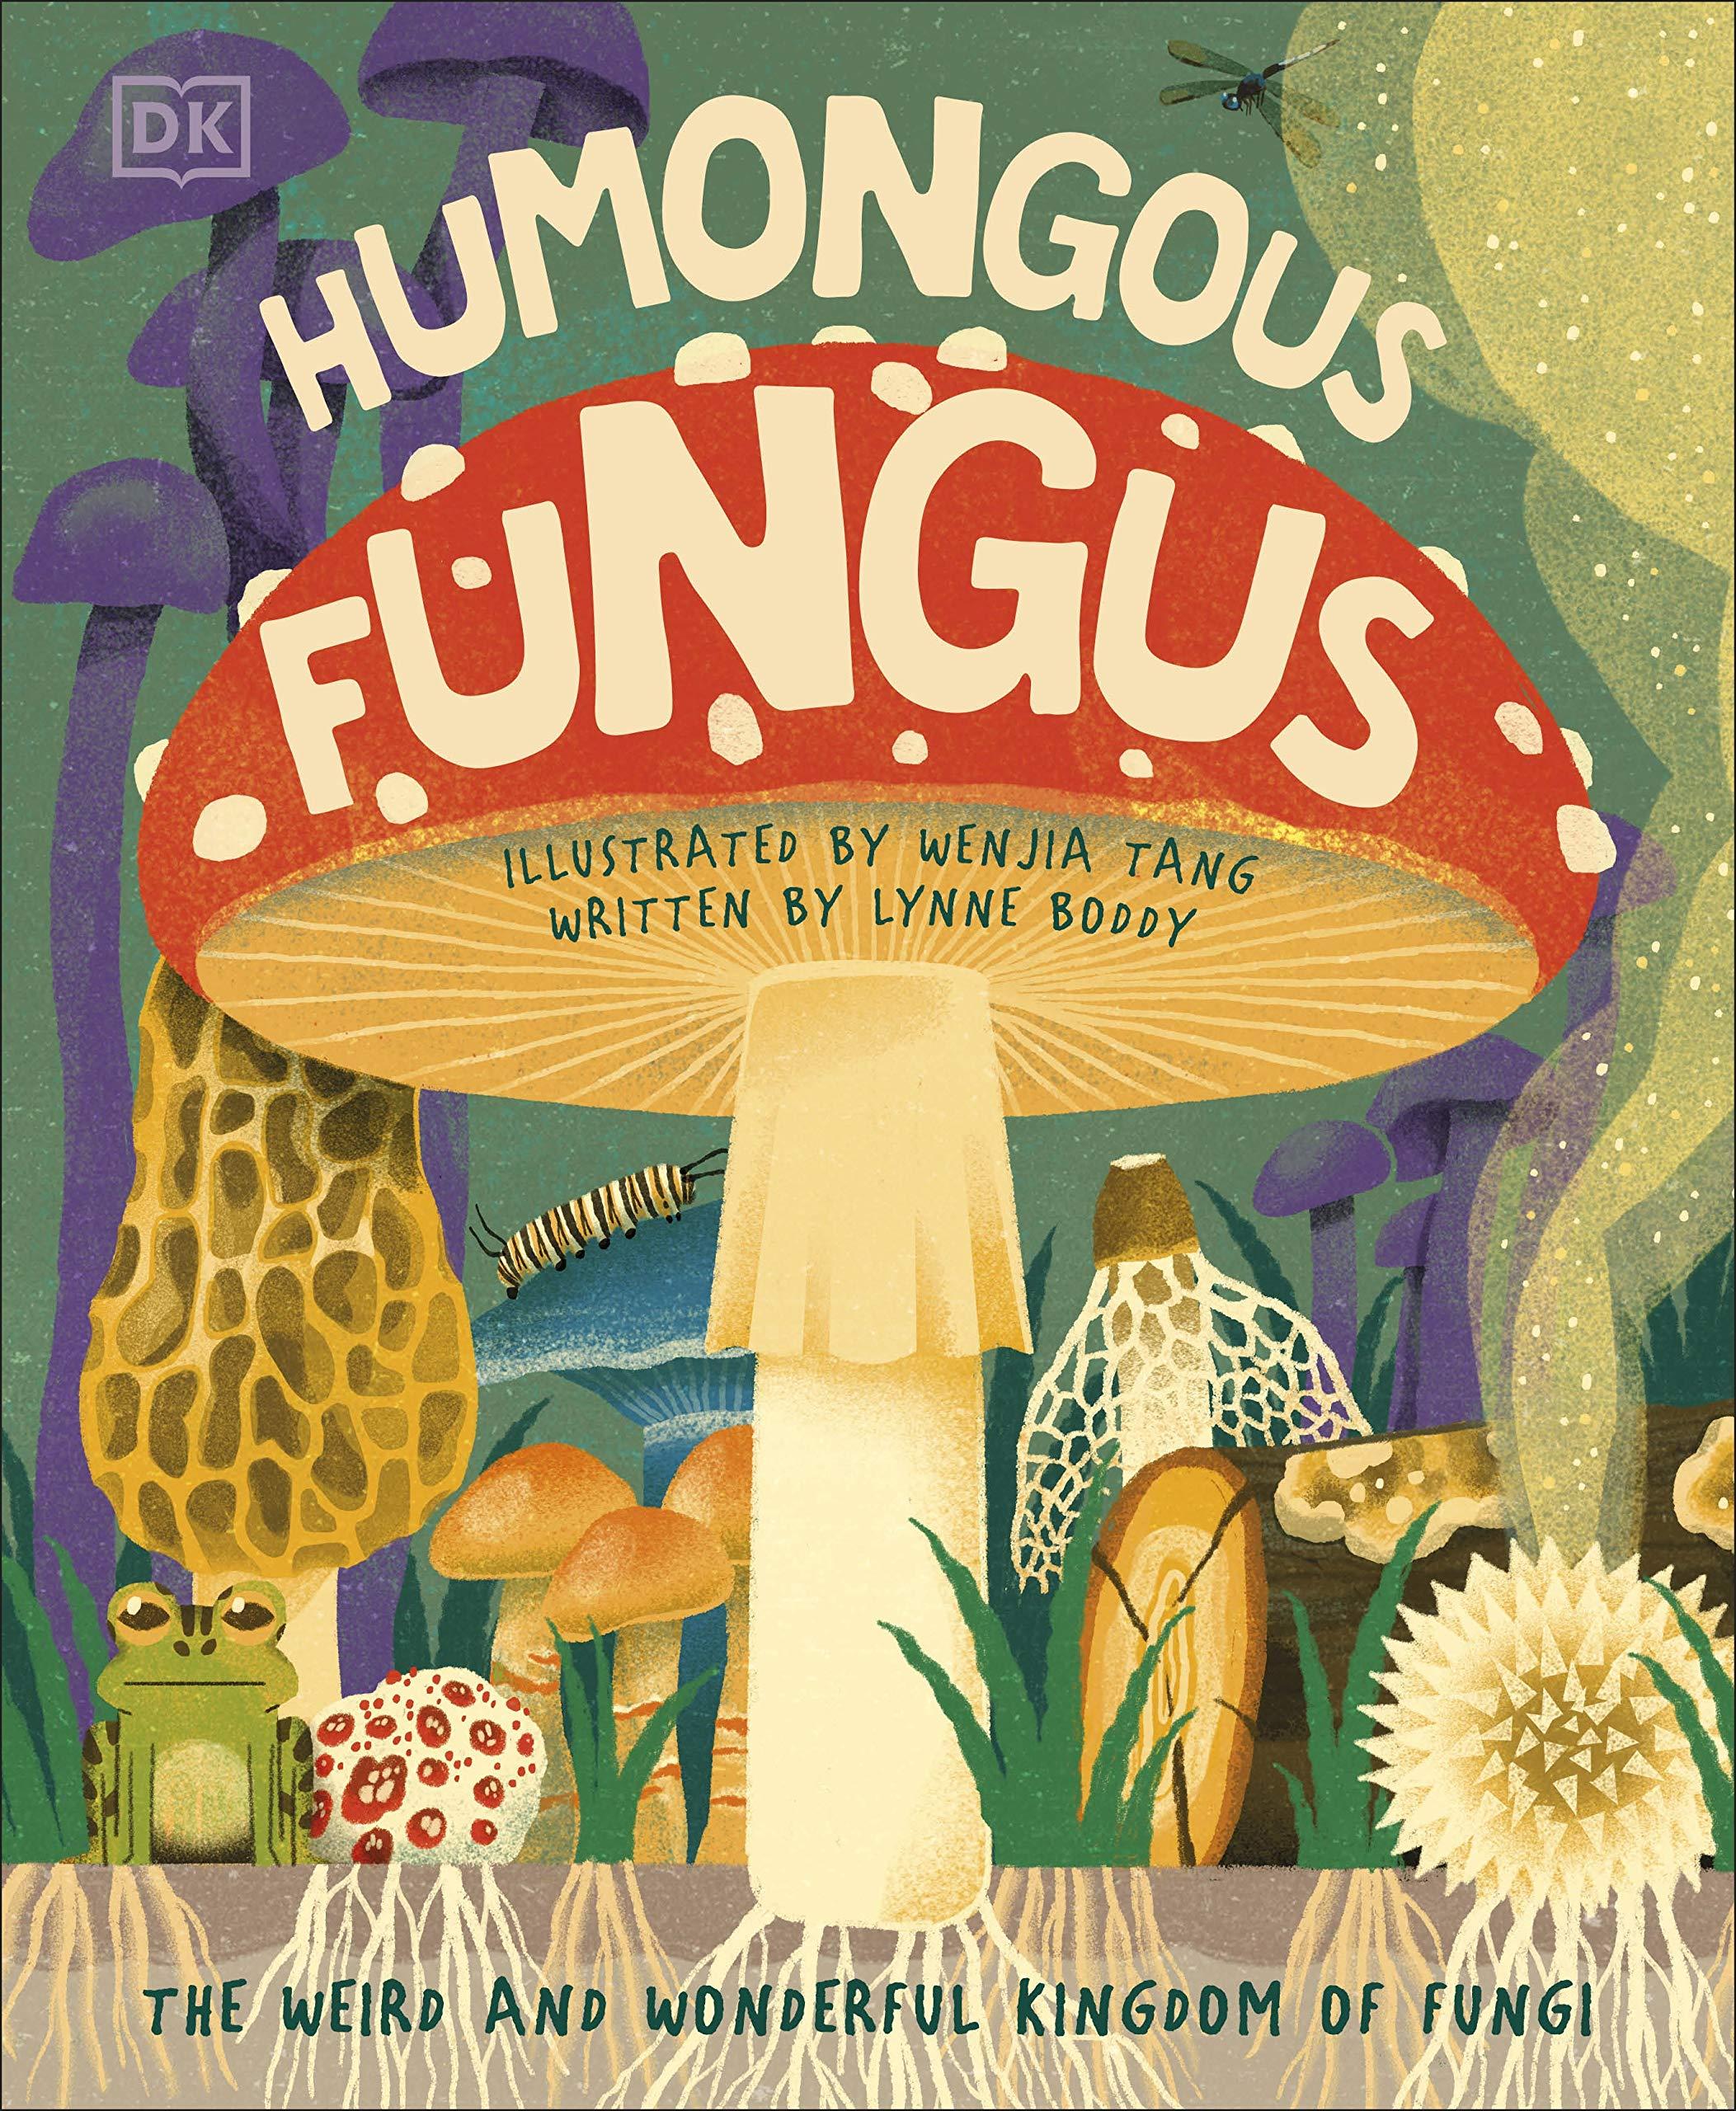 Humongous Fungus by  |